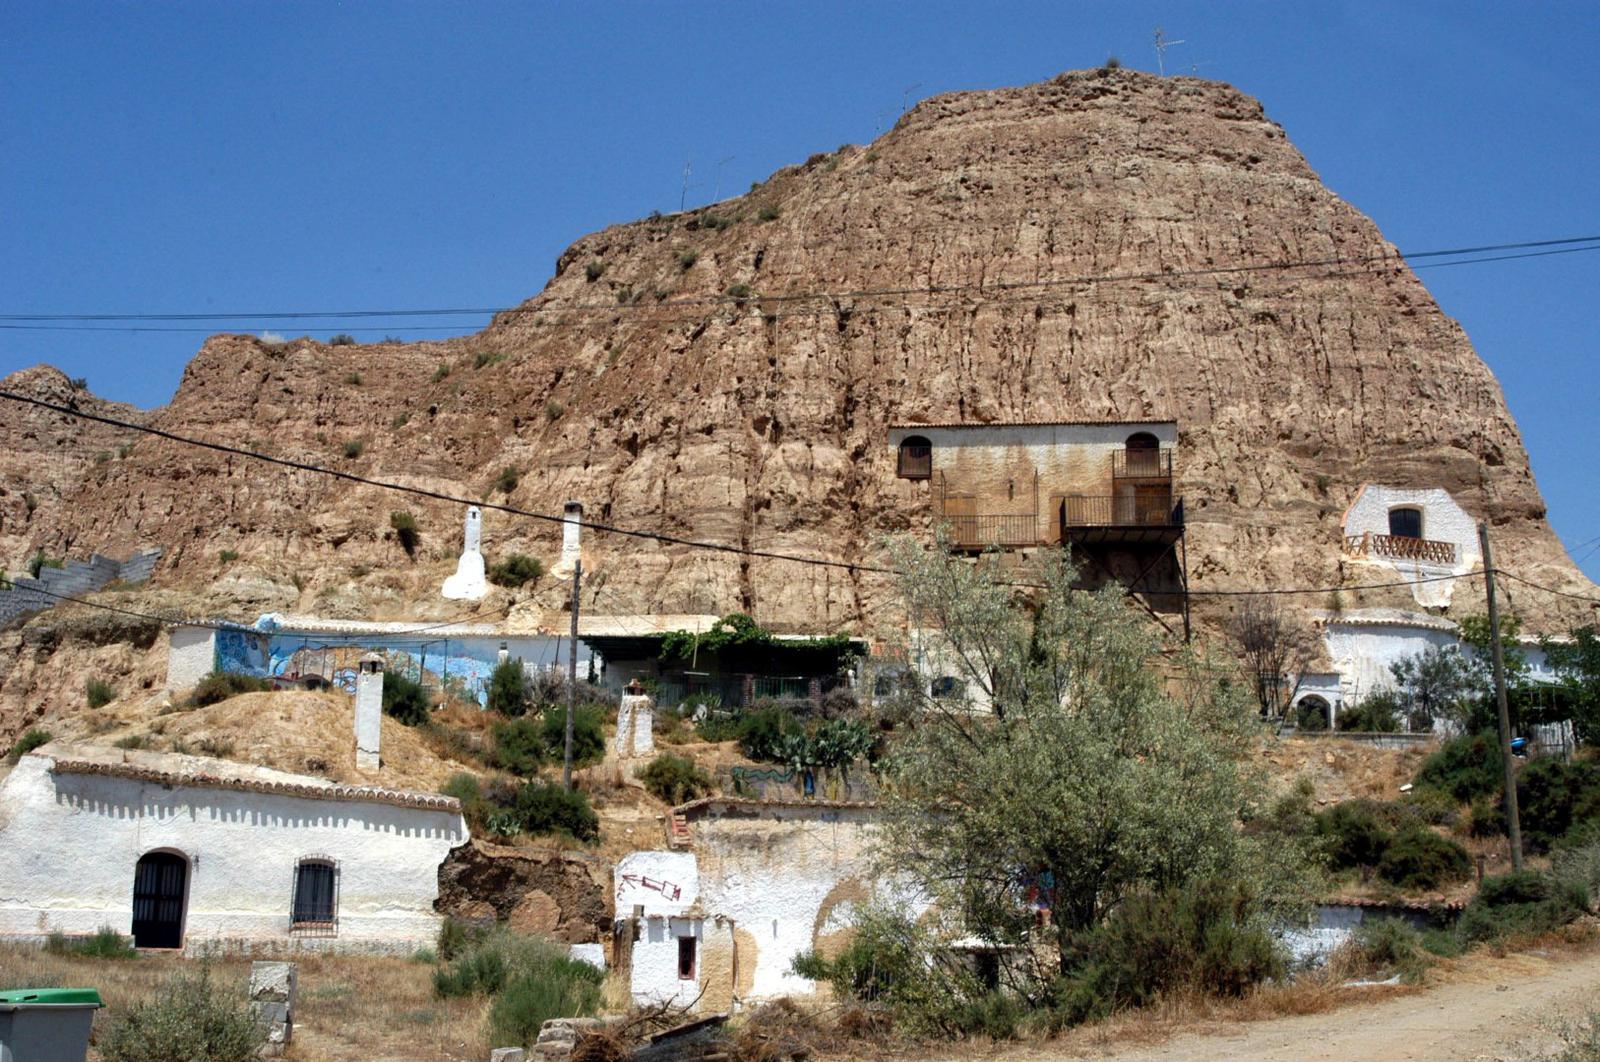 Casas en las montañas de Guadix.